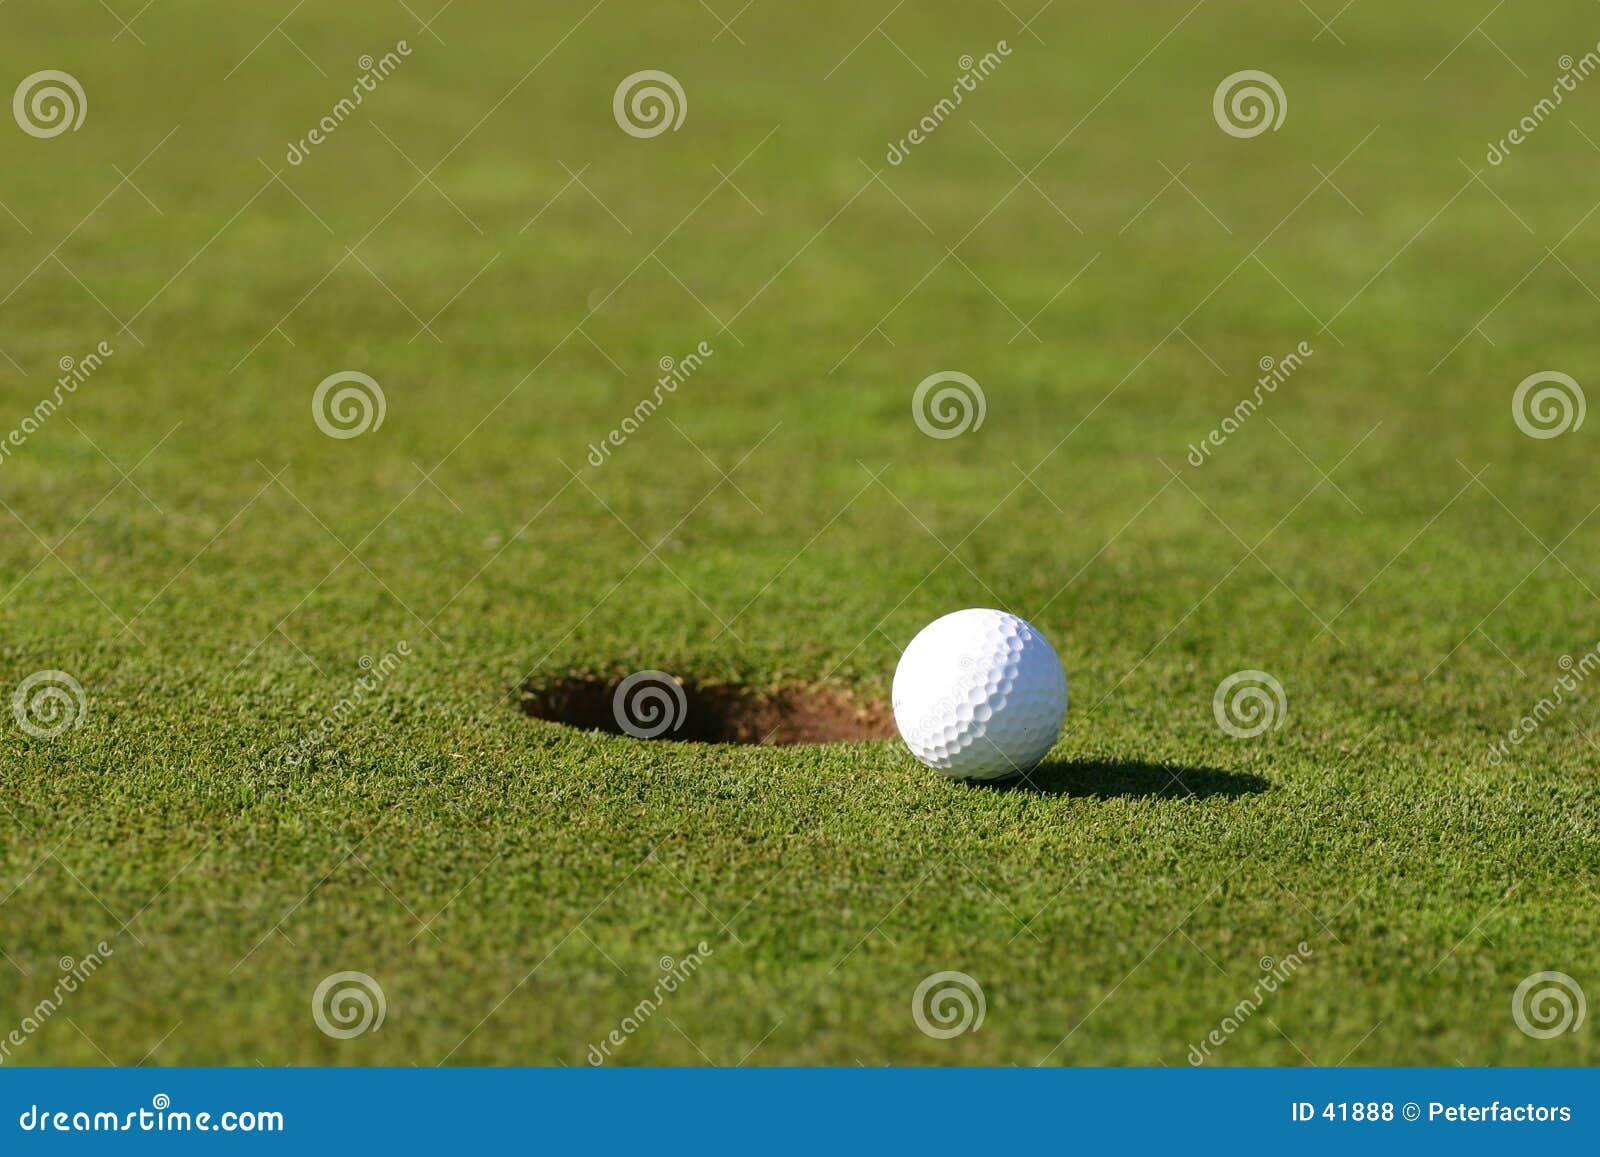 Download Pelota de golf foto de archivo. Imagen de hierba, deportes - 41888